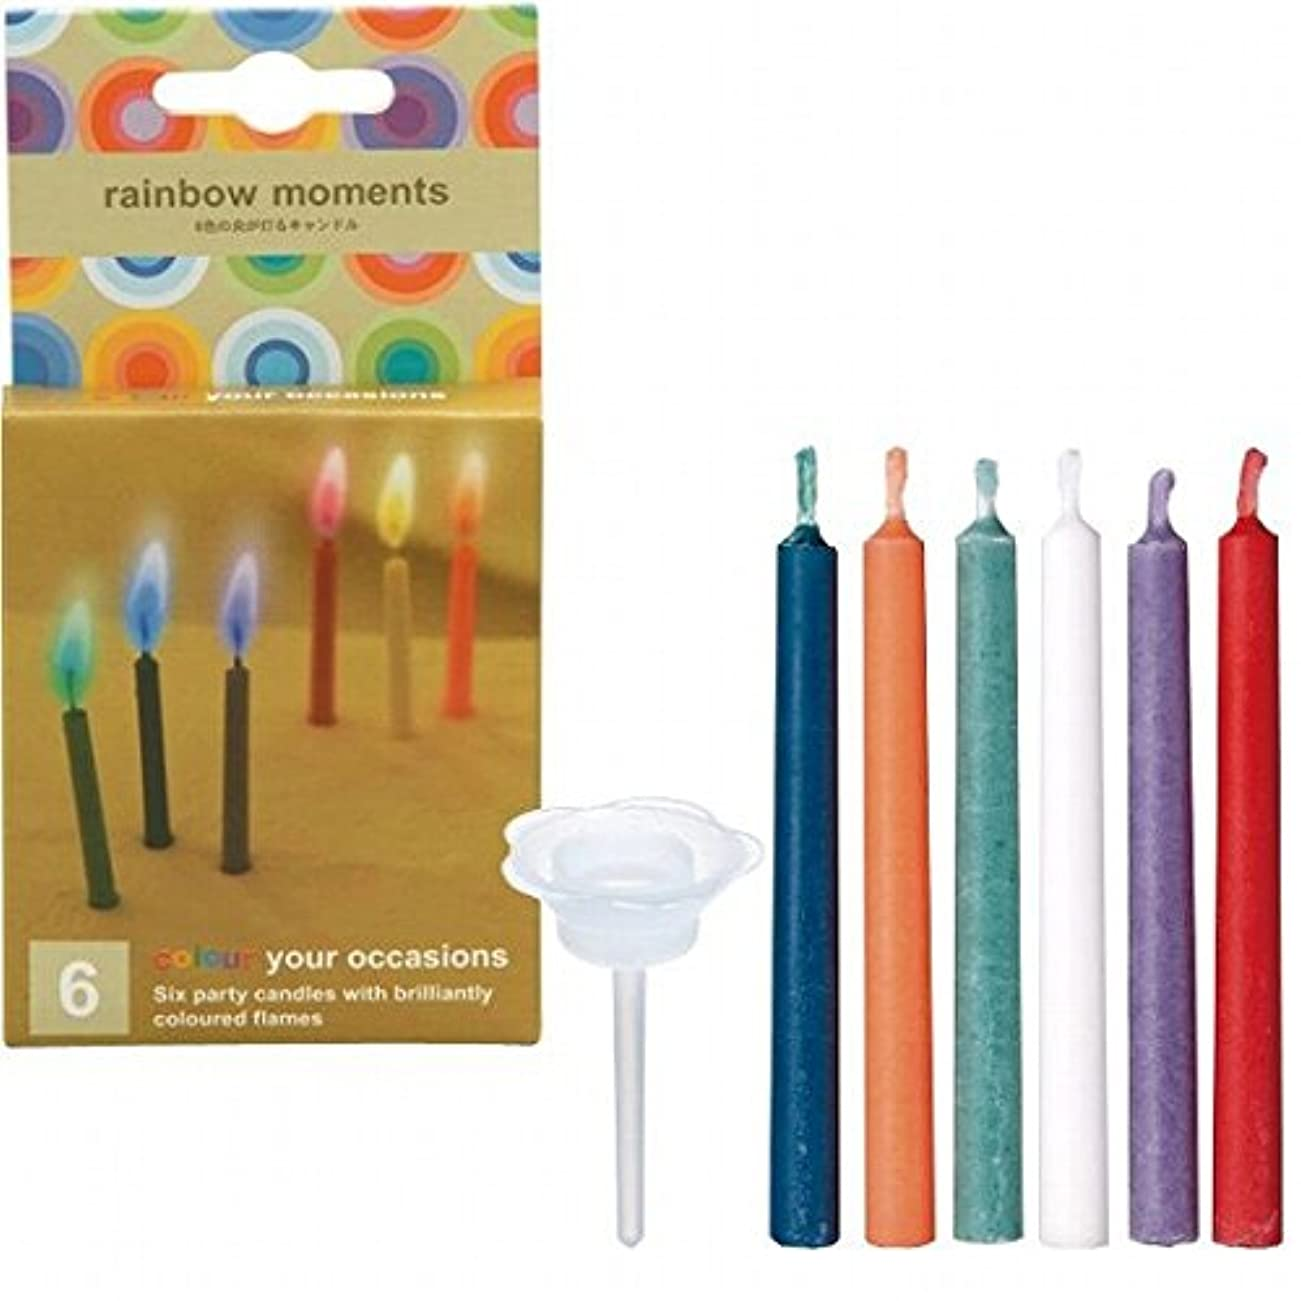 消防士構成員寄付するカメヤマキャンドル( kameyama candle ) rainbowmoments(レインボーモーメント)6色6本入り 「 6本入り 」 キャンドル